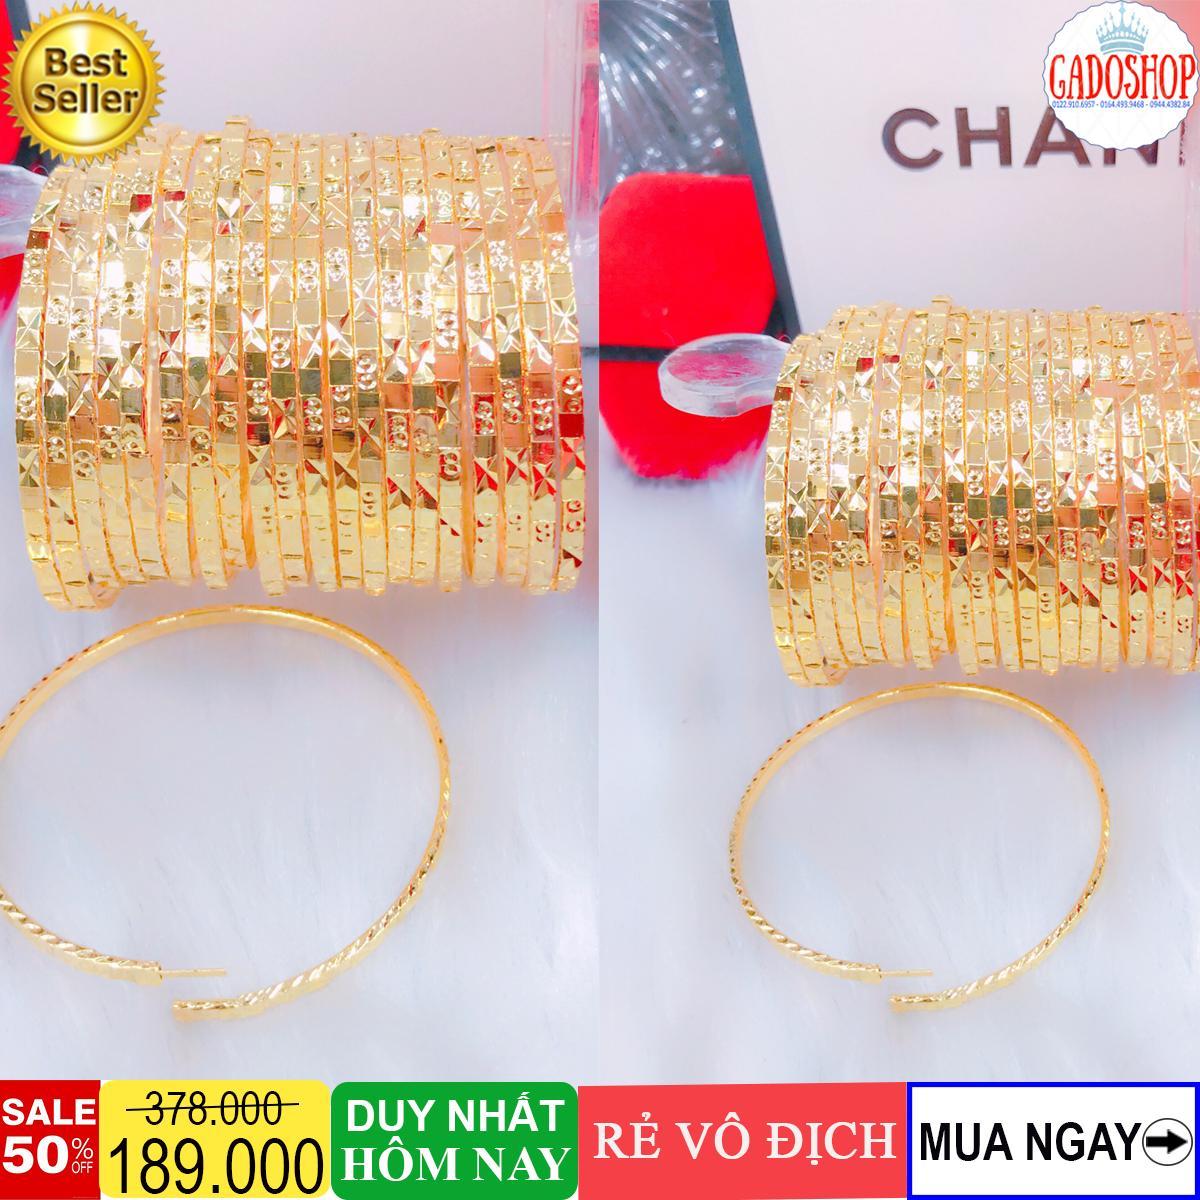 Vòng tay nữ, bộ ximen 7 chiếc mạ vàng cao cấp sang trọng thiết kế tinh xảo Trang Sức Gadoshop VX11091901 - ĐI đi tiệc, đi làm cực đẹp sang trọng